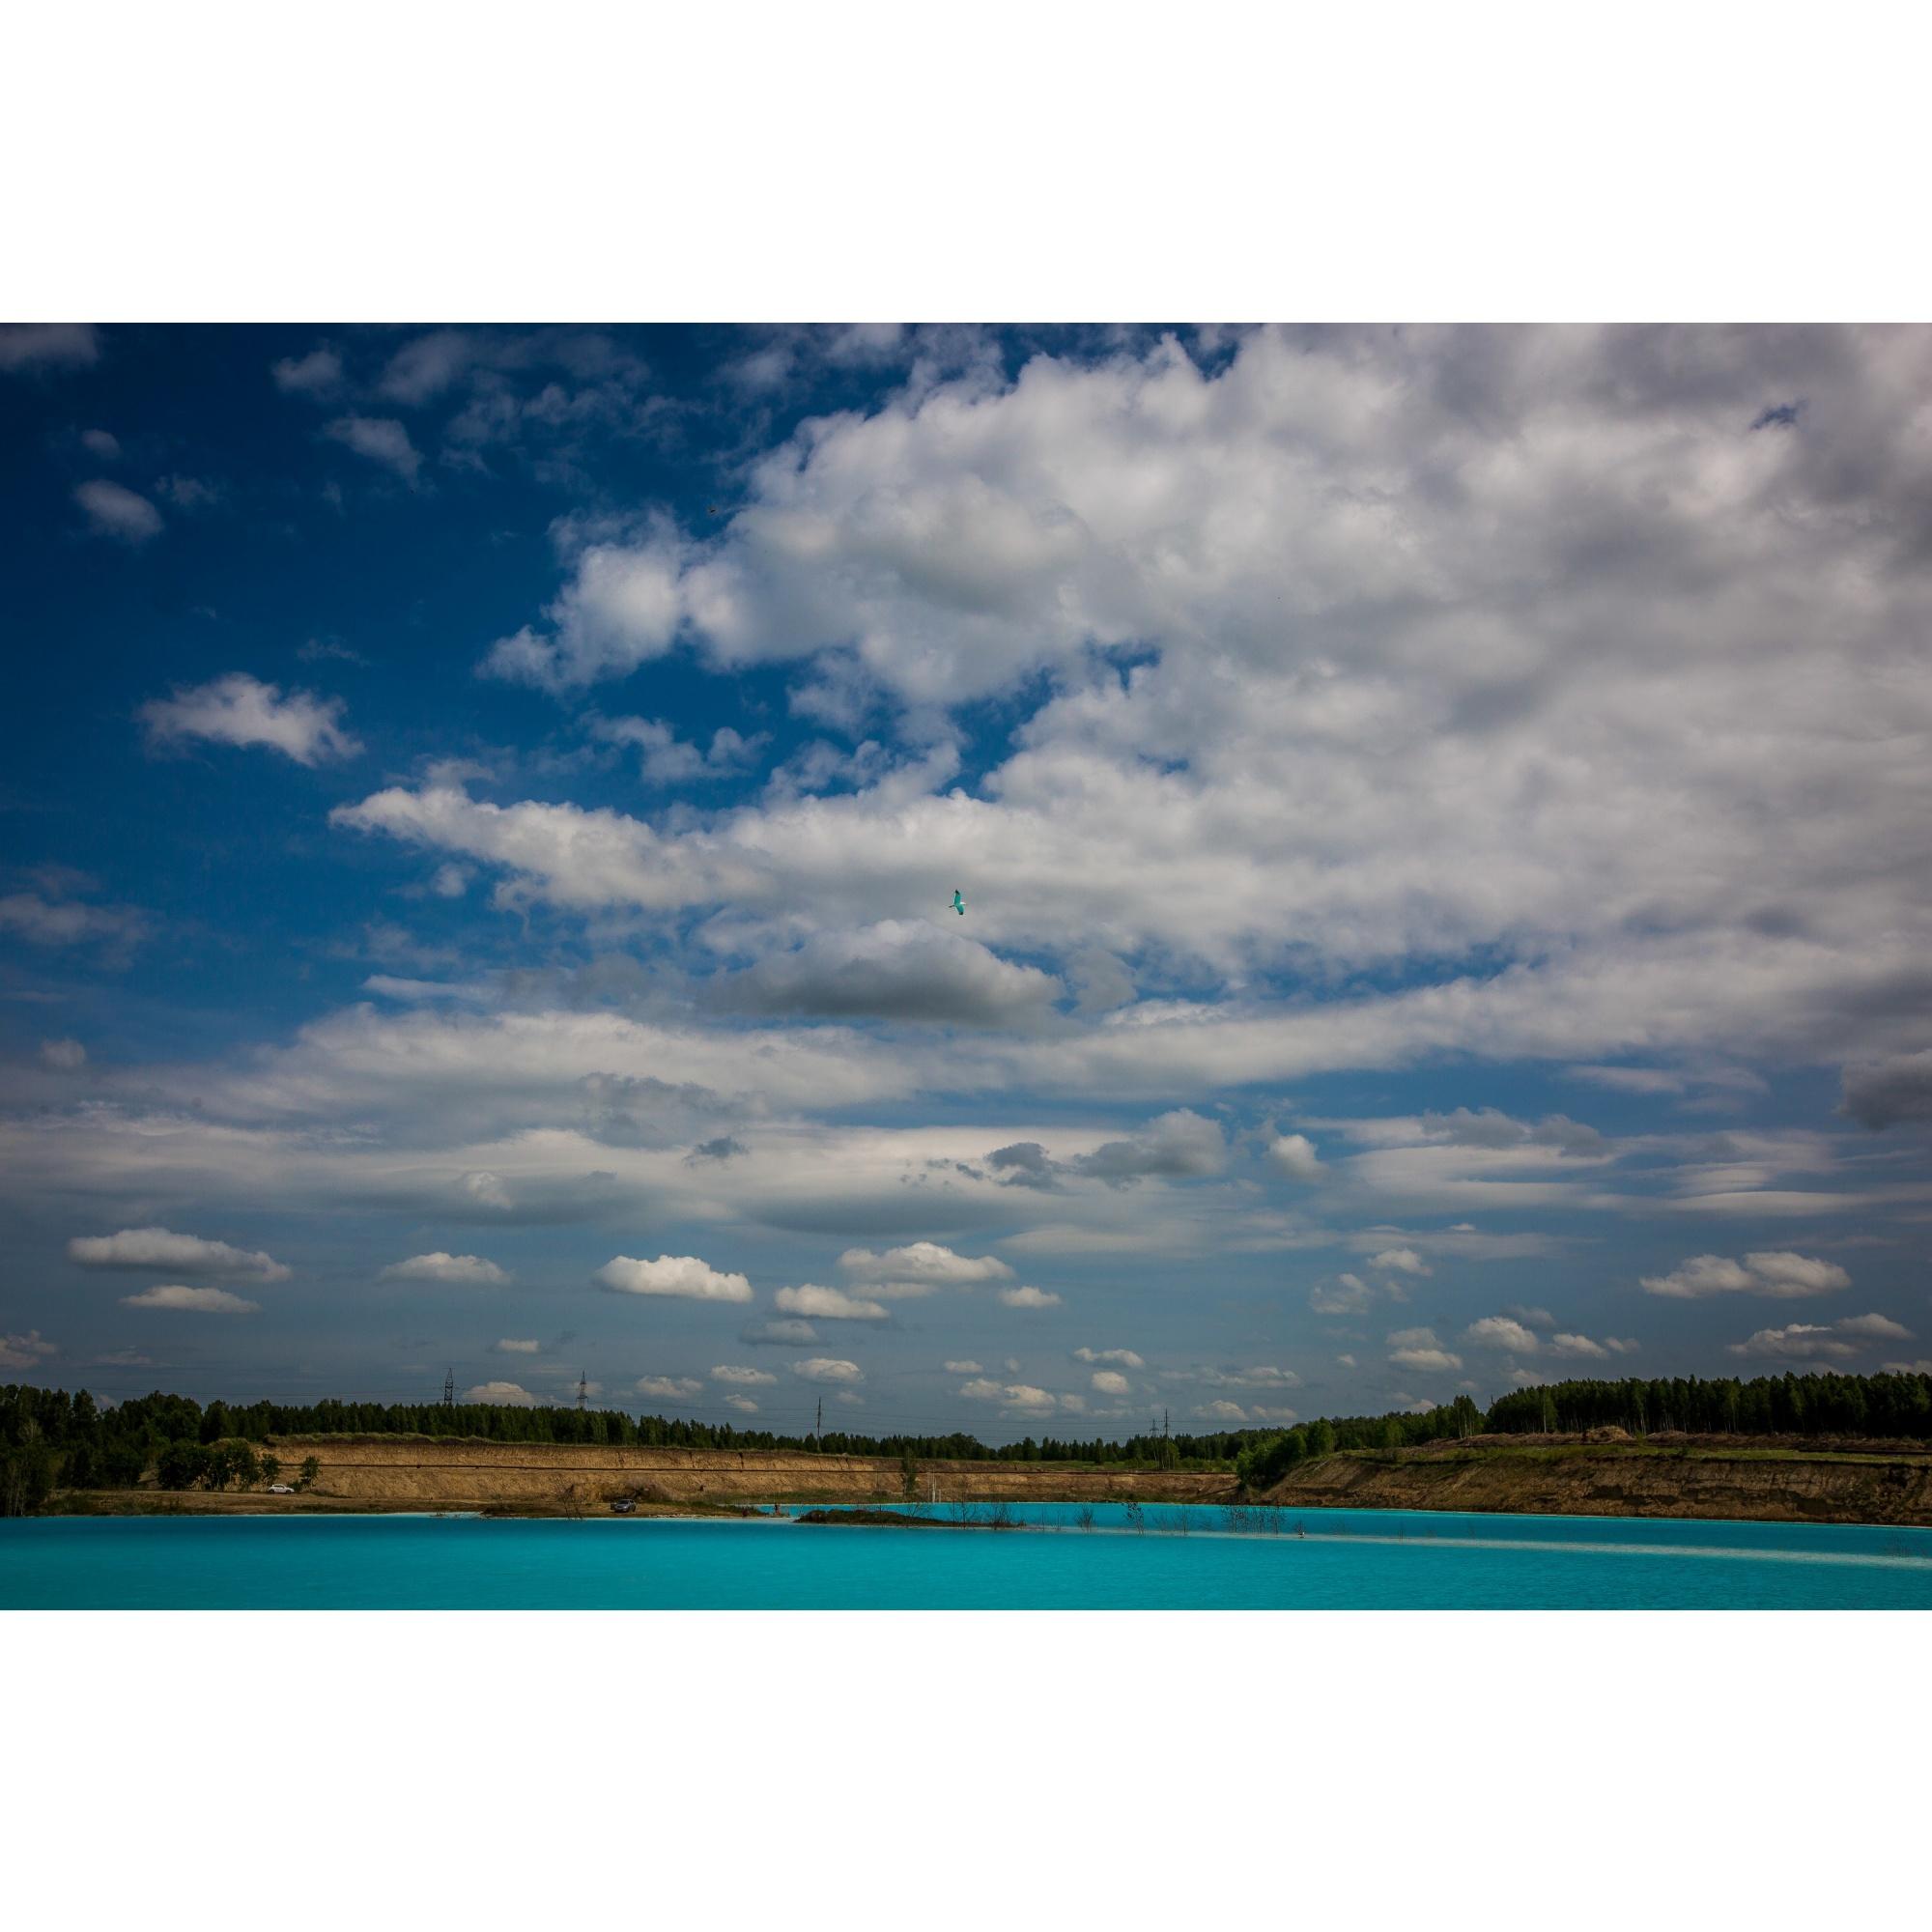 Крутой берег, бескрайнее небо и голубая вода, а купаться нельзя